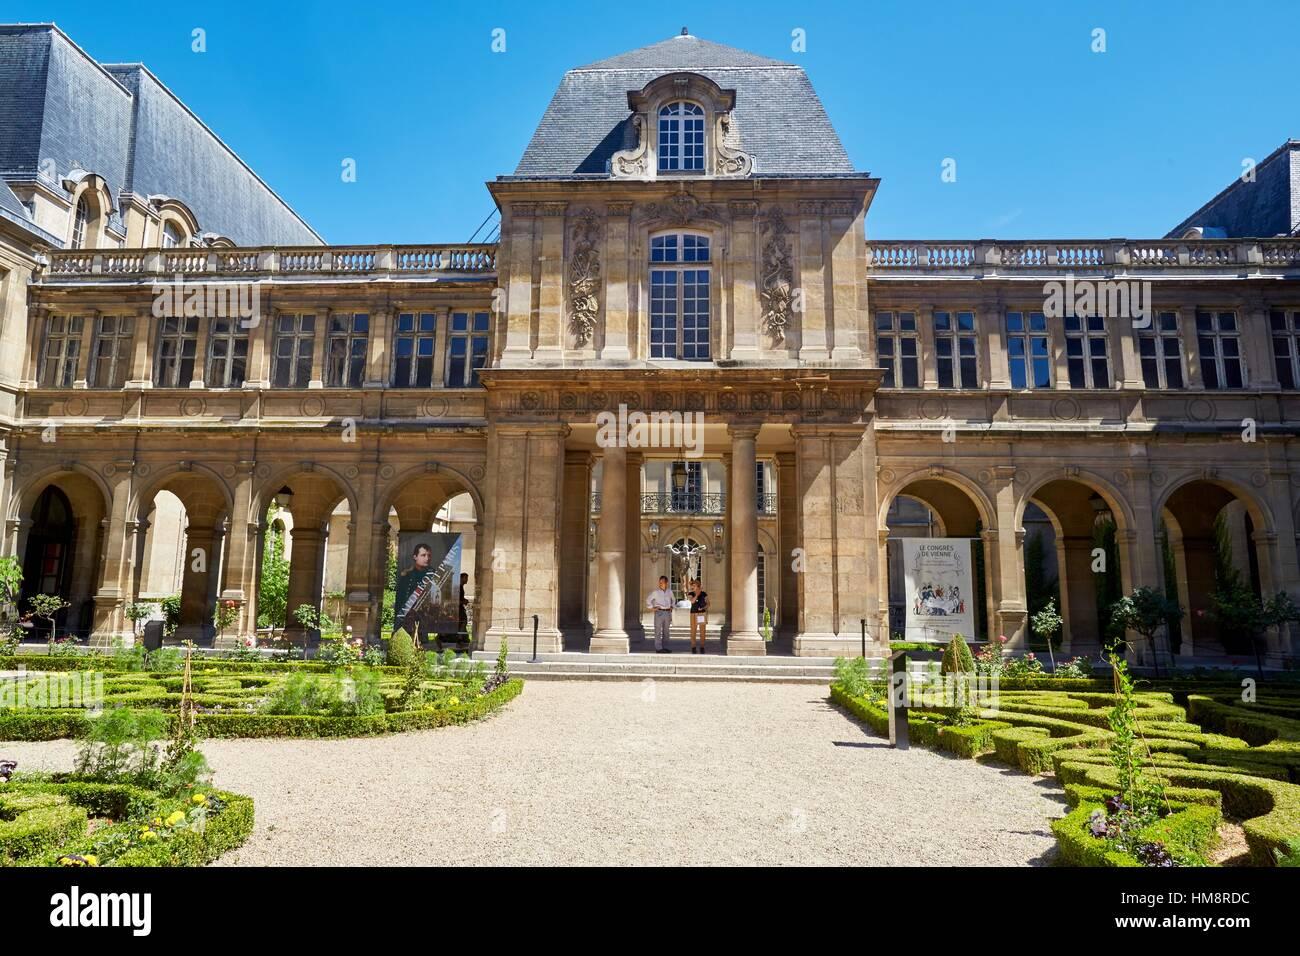 Musée Carnavalet Museum, Le Marais, Paris, France - Stock Image